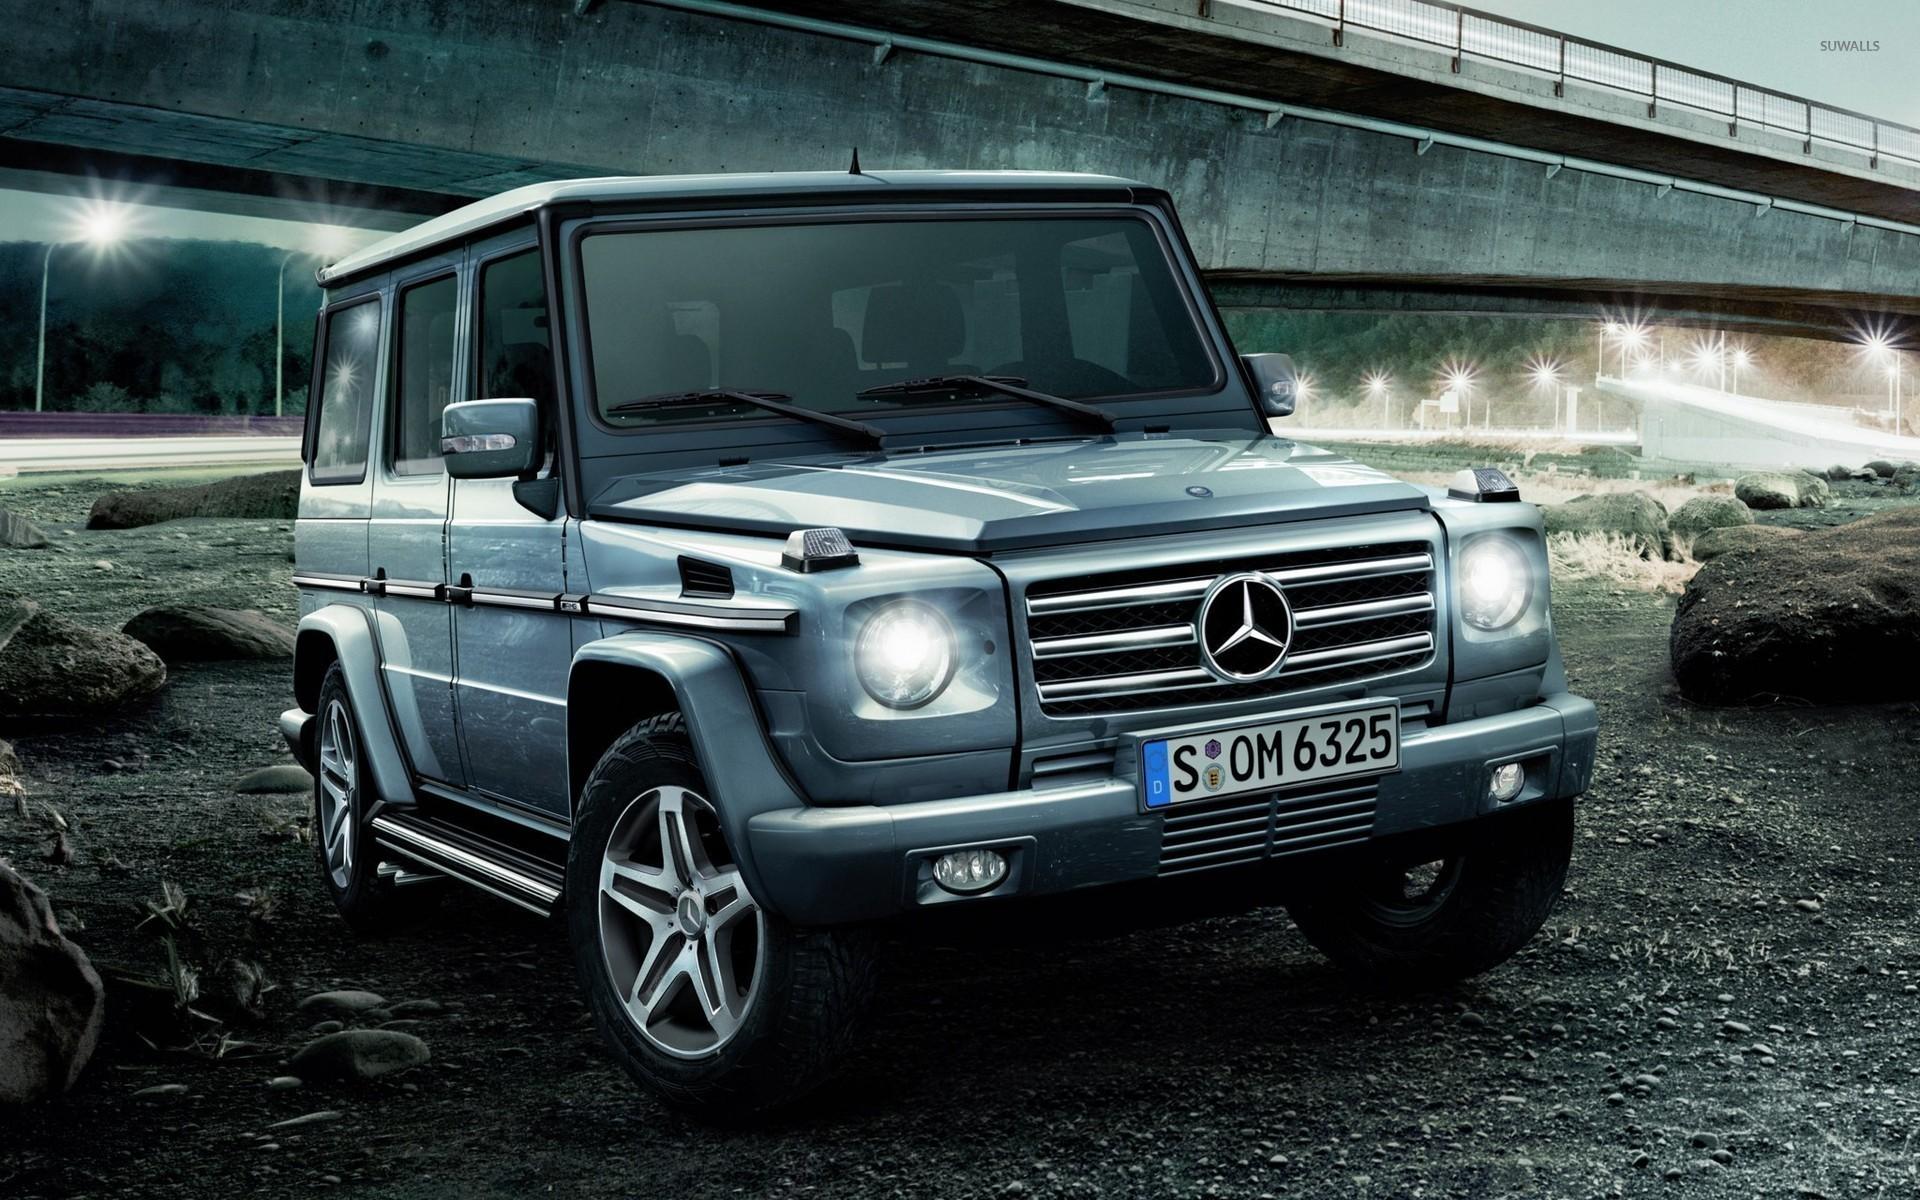 Mercedes benz g class 3 wallpaper car wallpapers 48251 for Mercedes benz g